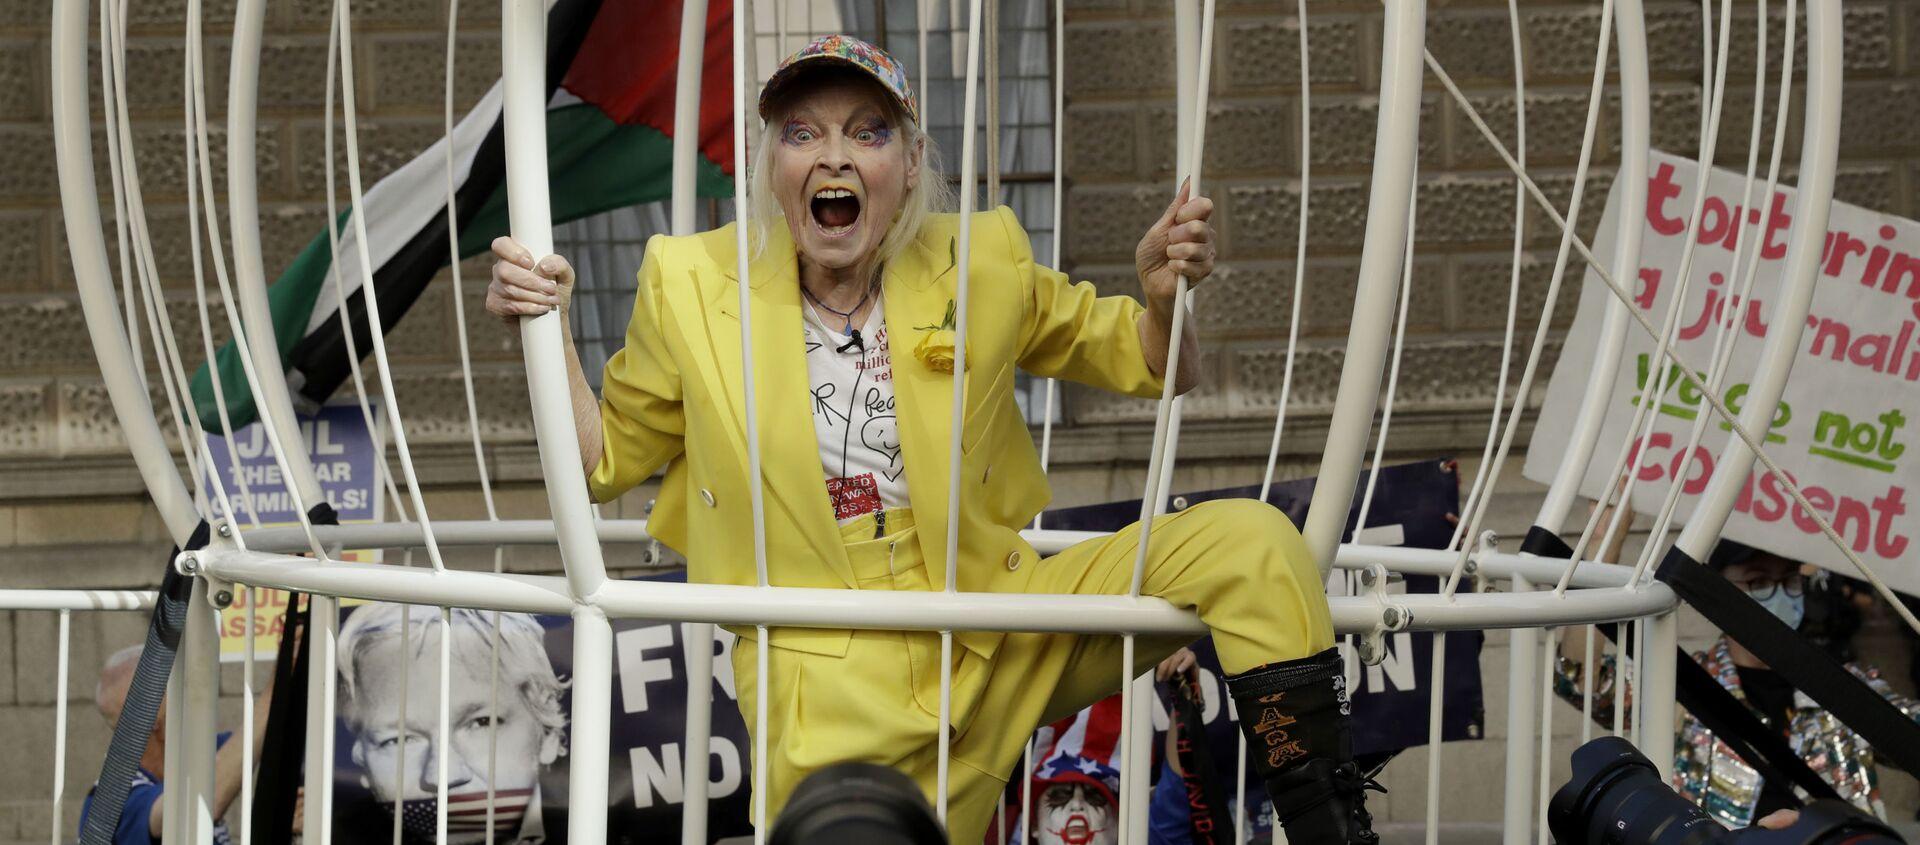 Дизайнер Вивьен Вествуд в гигантской клетке на протестном митинге против экстрадиции основателя WikiLeaks Джулиана Ассанжа у здания суда Олд-Бейли в Лондоне, Великобритания - Sputnik Азербайджан, 1920, 08.04.2021